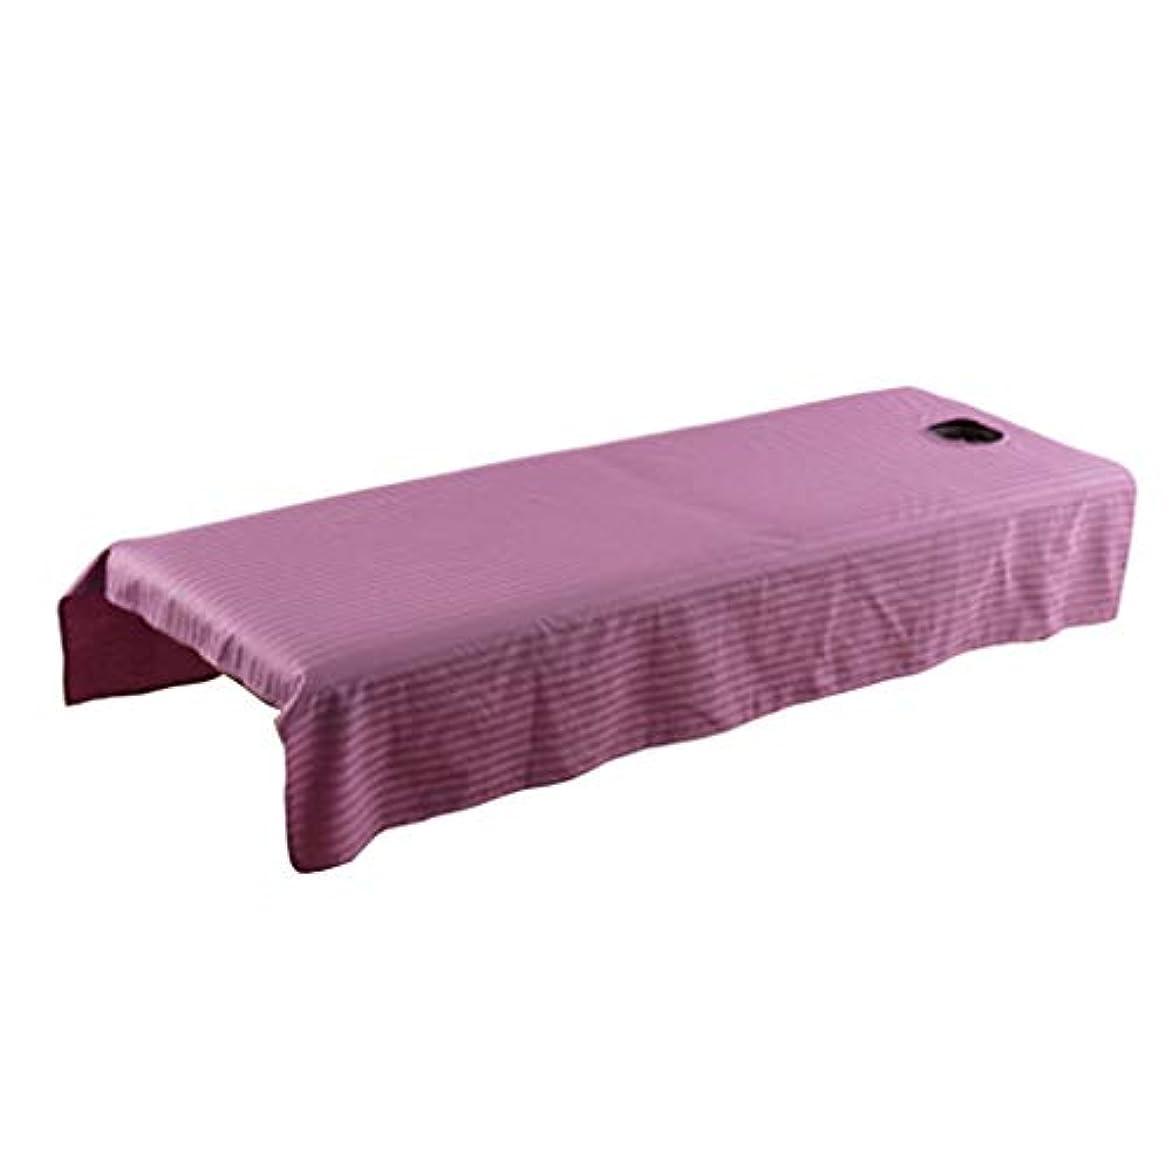 ファイアル放棄する全滅させるマッサージベッドカバー 有孔 スパベッドカバー マッサージテーブル シート 全5カラー - 紫の